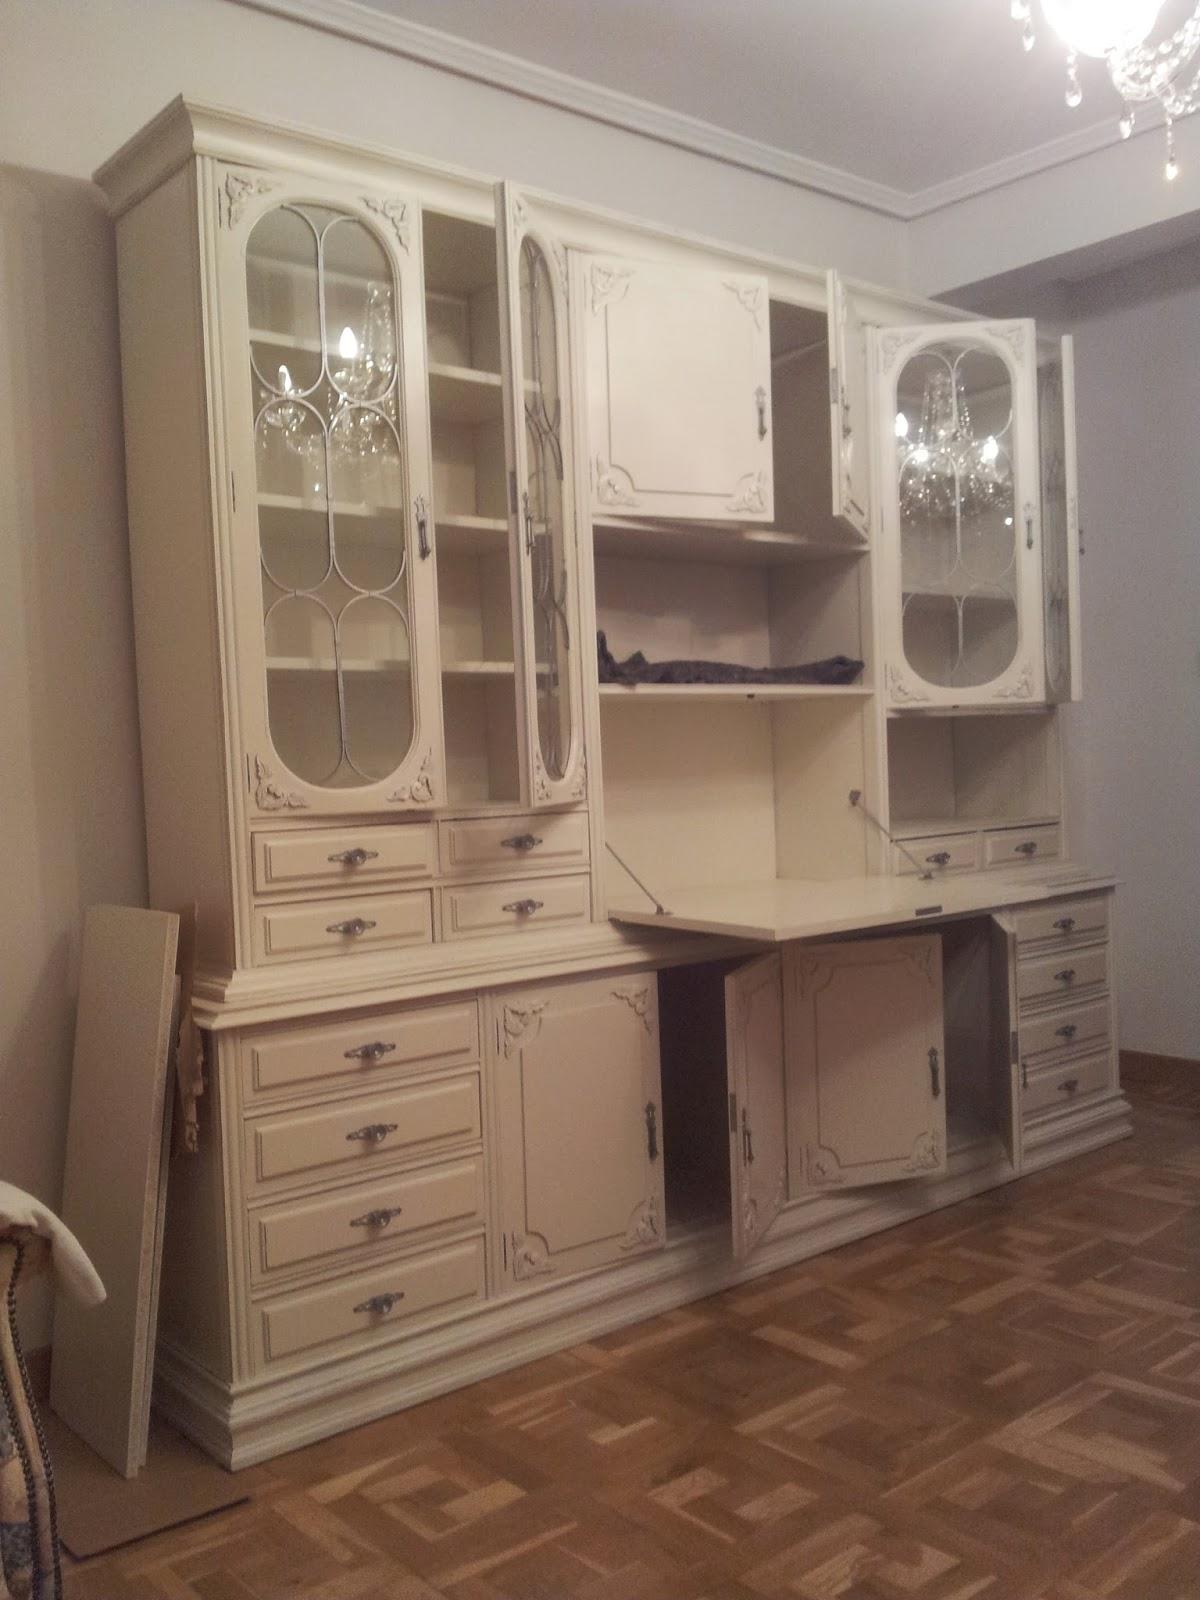 Muebles antiguos restaurados en blanco beautiful muebles - Muebles restaurados vintage ...